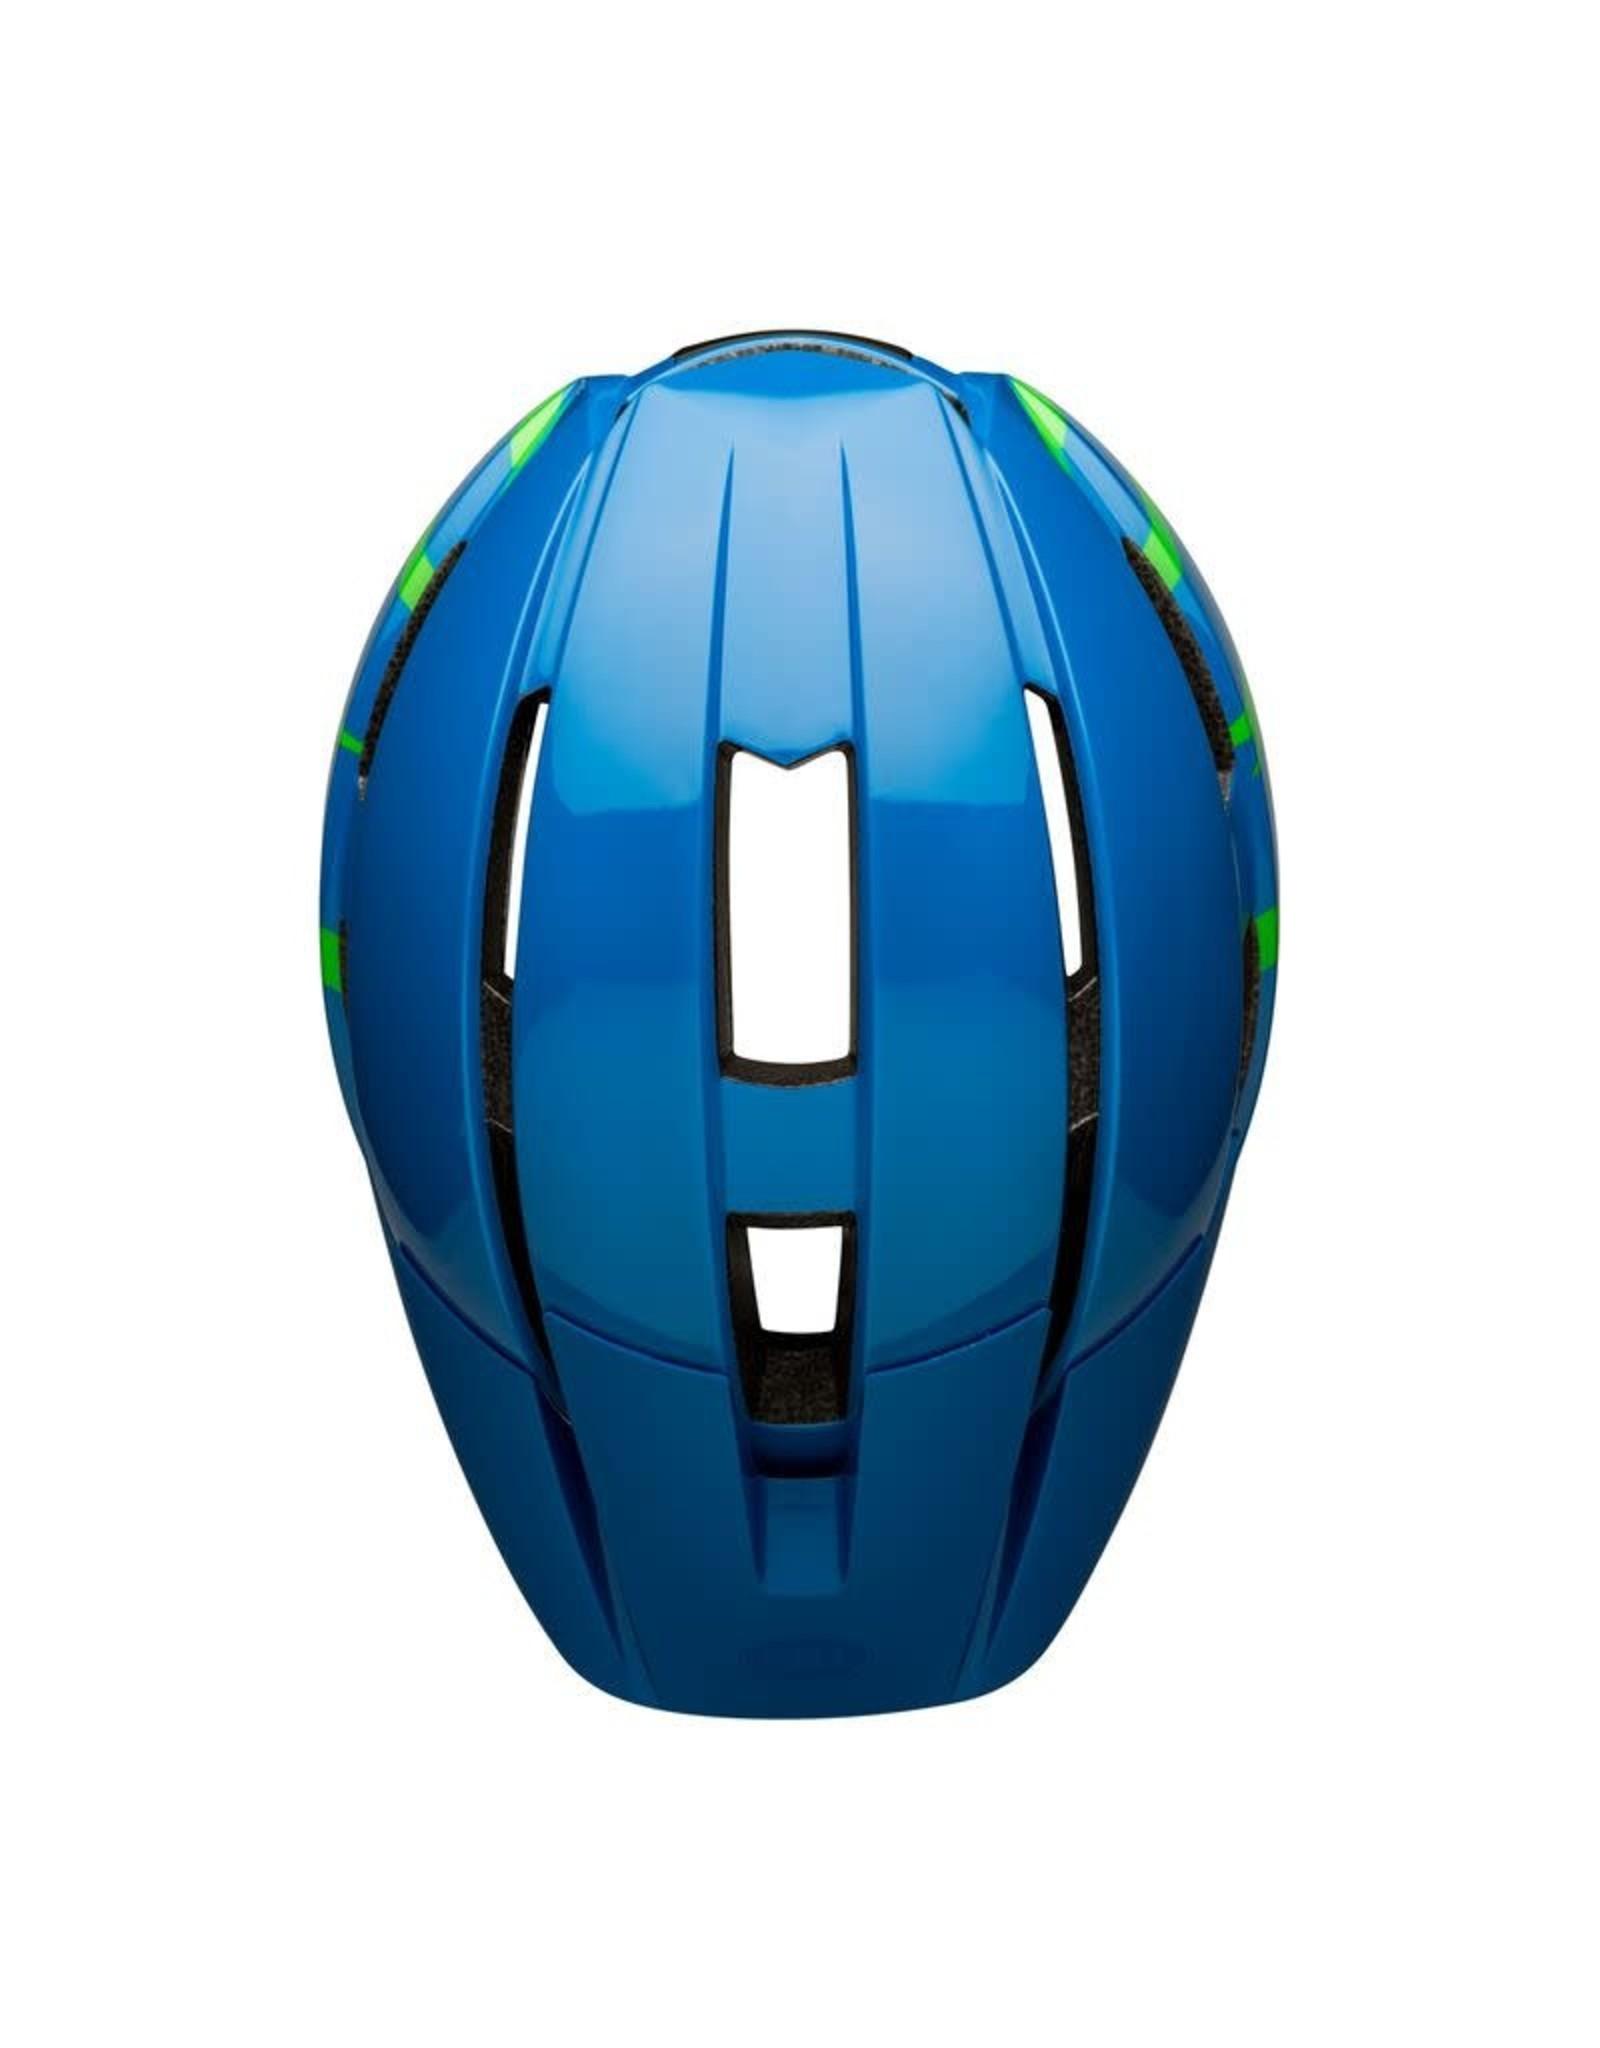 Bell bell sidetrack ii bleu/vert